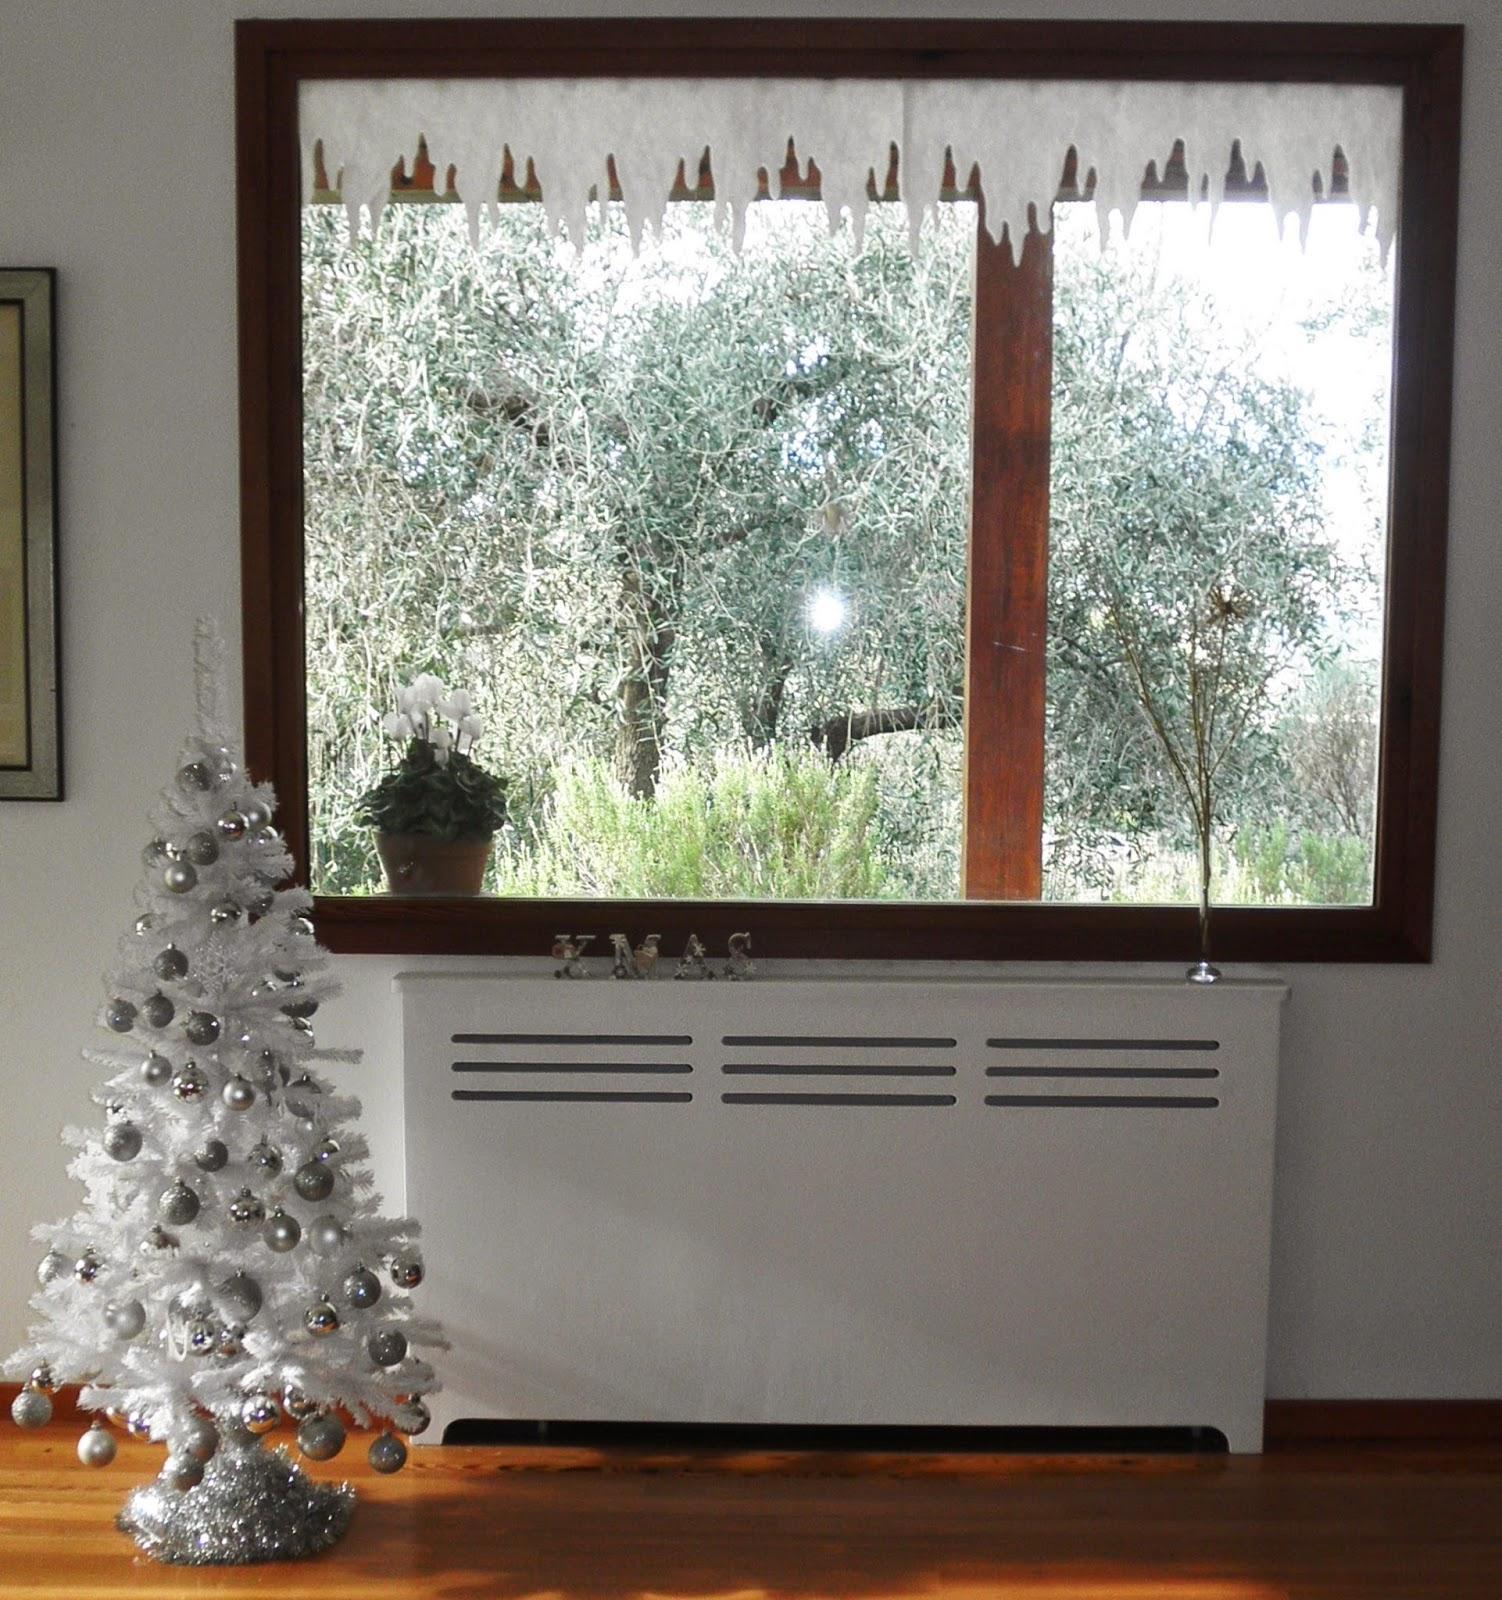 Claudialand buon natale tra addobbi e pacchetti - Addobbare le finestre per natale ...